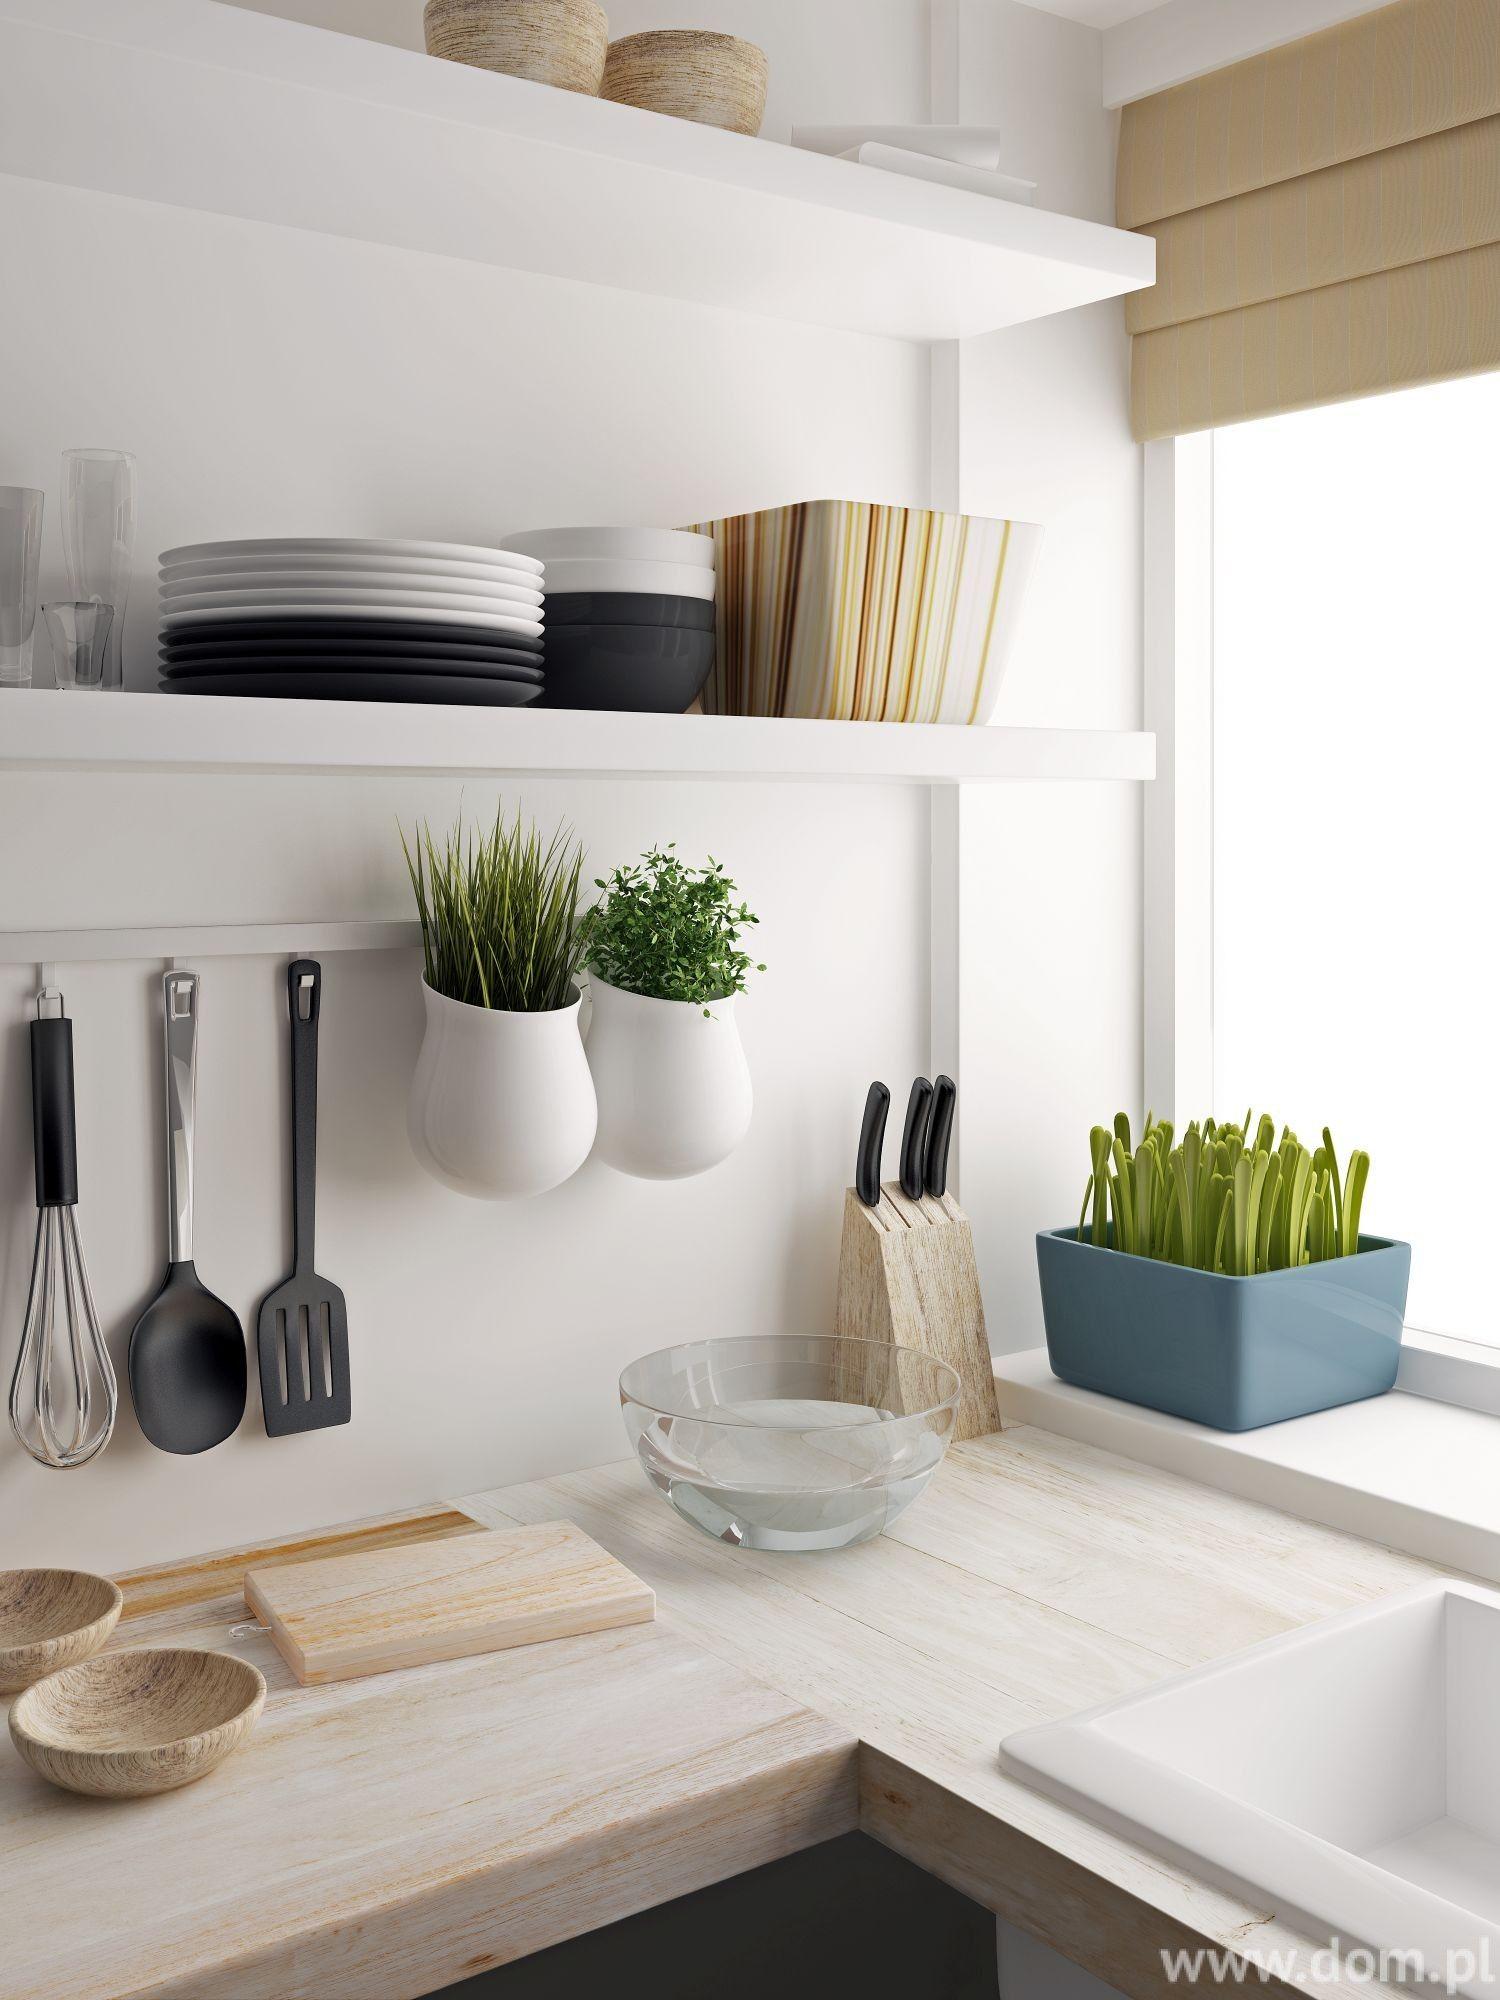 Znalezione Obrazy Dla Zapytania Kuchnia Bez Gornych Szafek Diy Kitchen Decor Trending Decor Diy Decor Projects